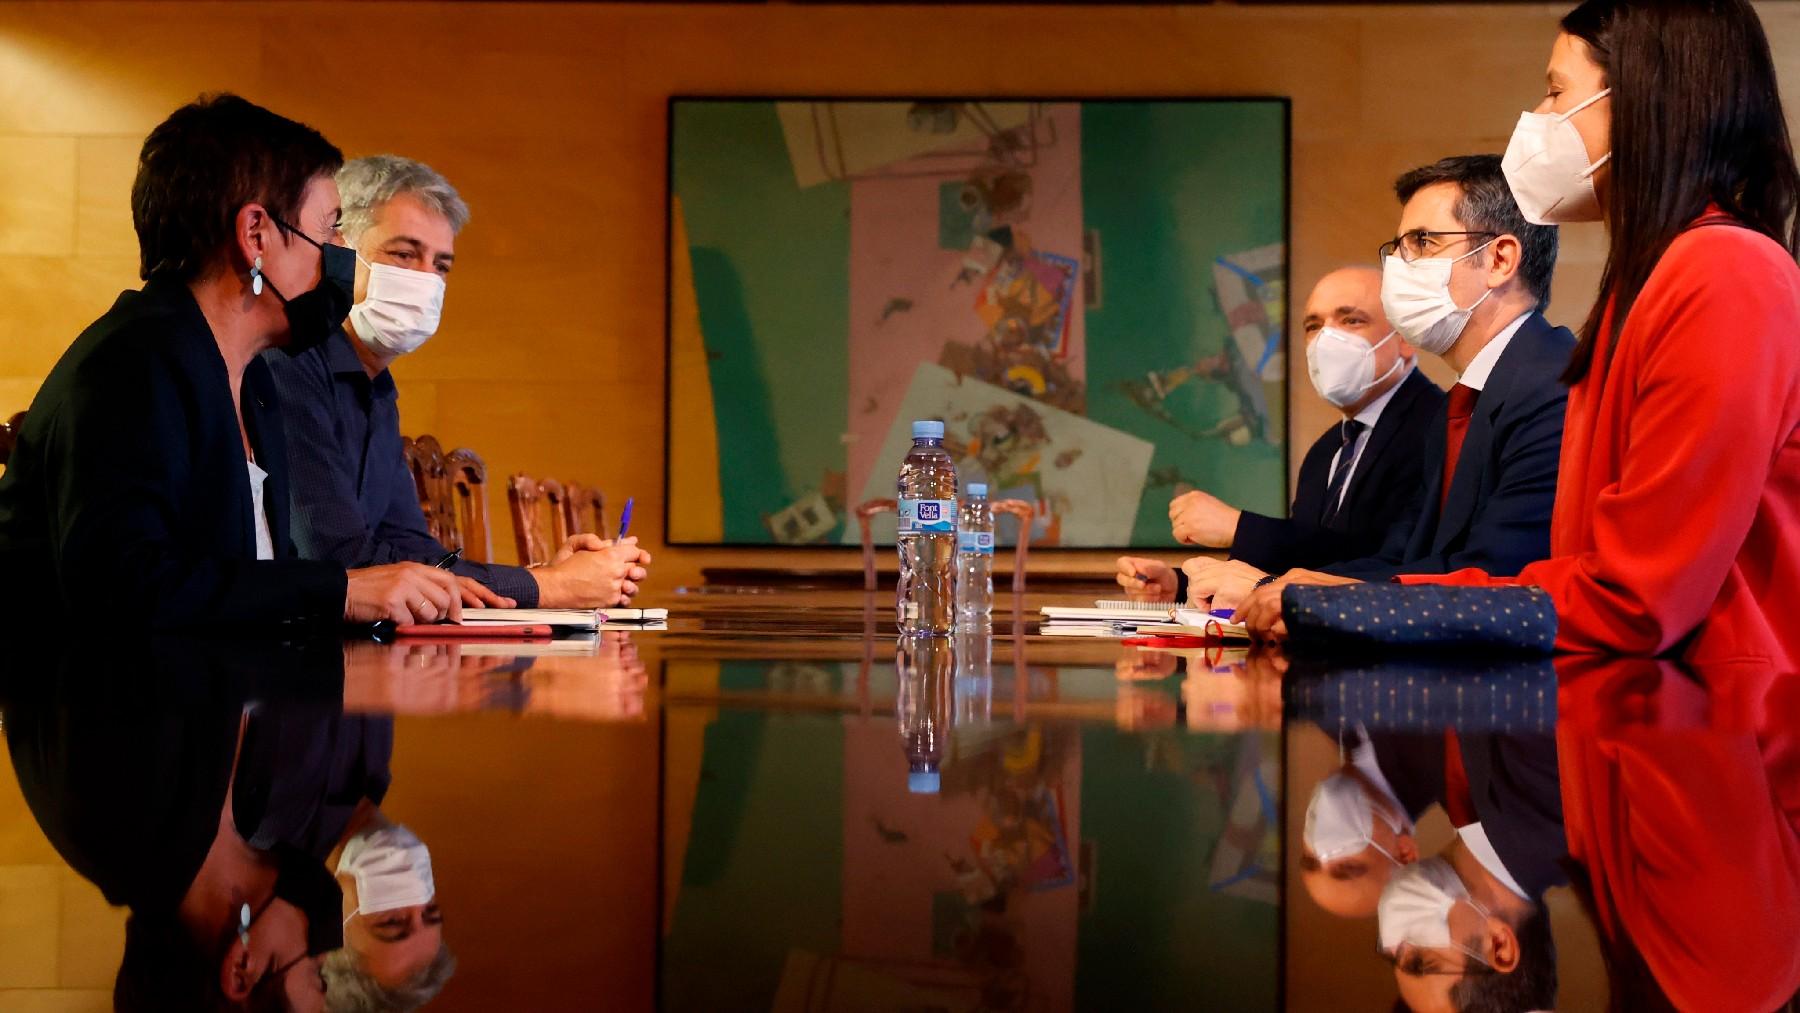 El ministro Bolaños sentado con los portavoces proetarras de Bildu en el Congreso. (Foto: EFE)